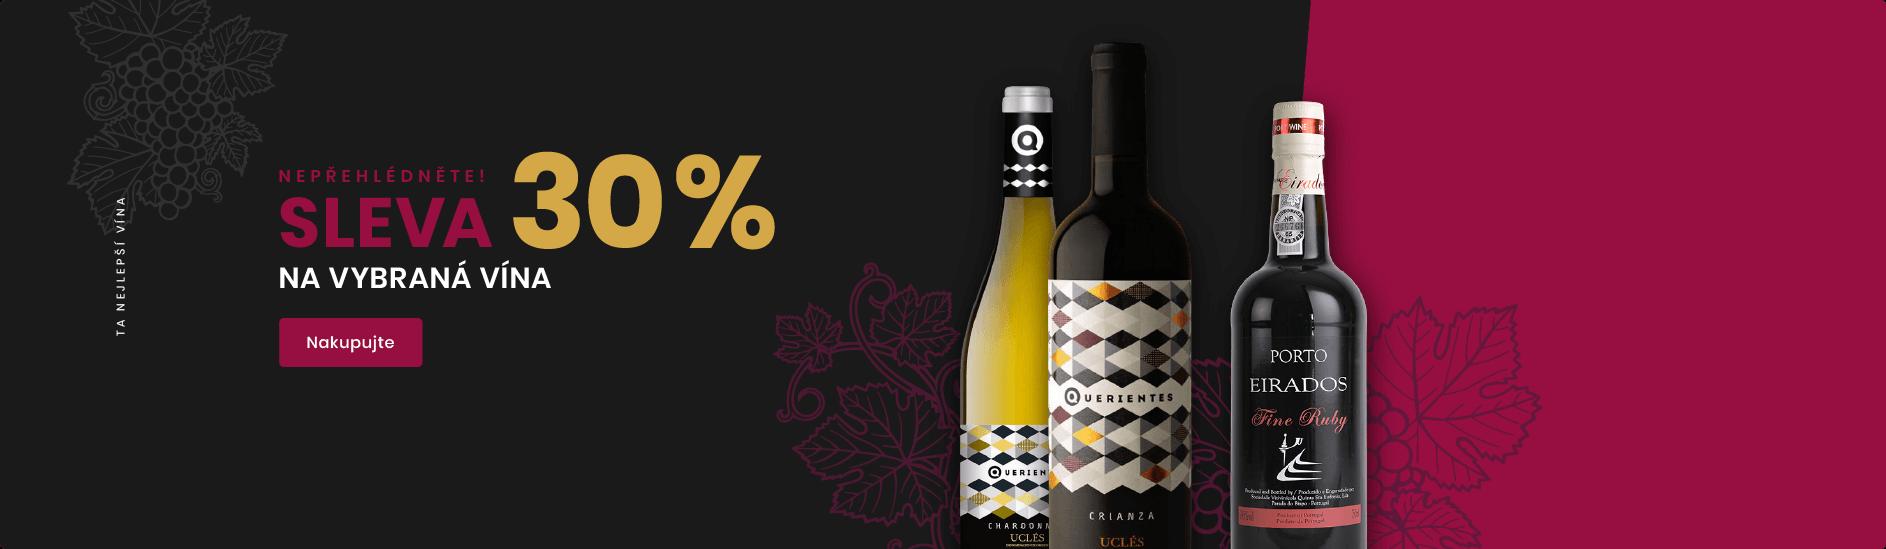 30% sleva na vybraná vína